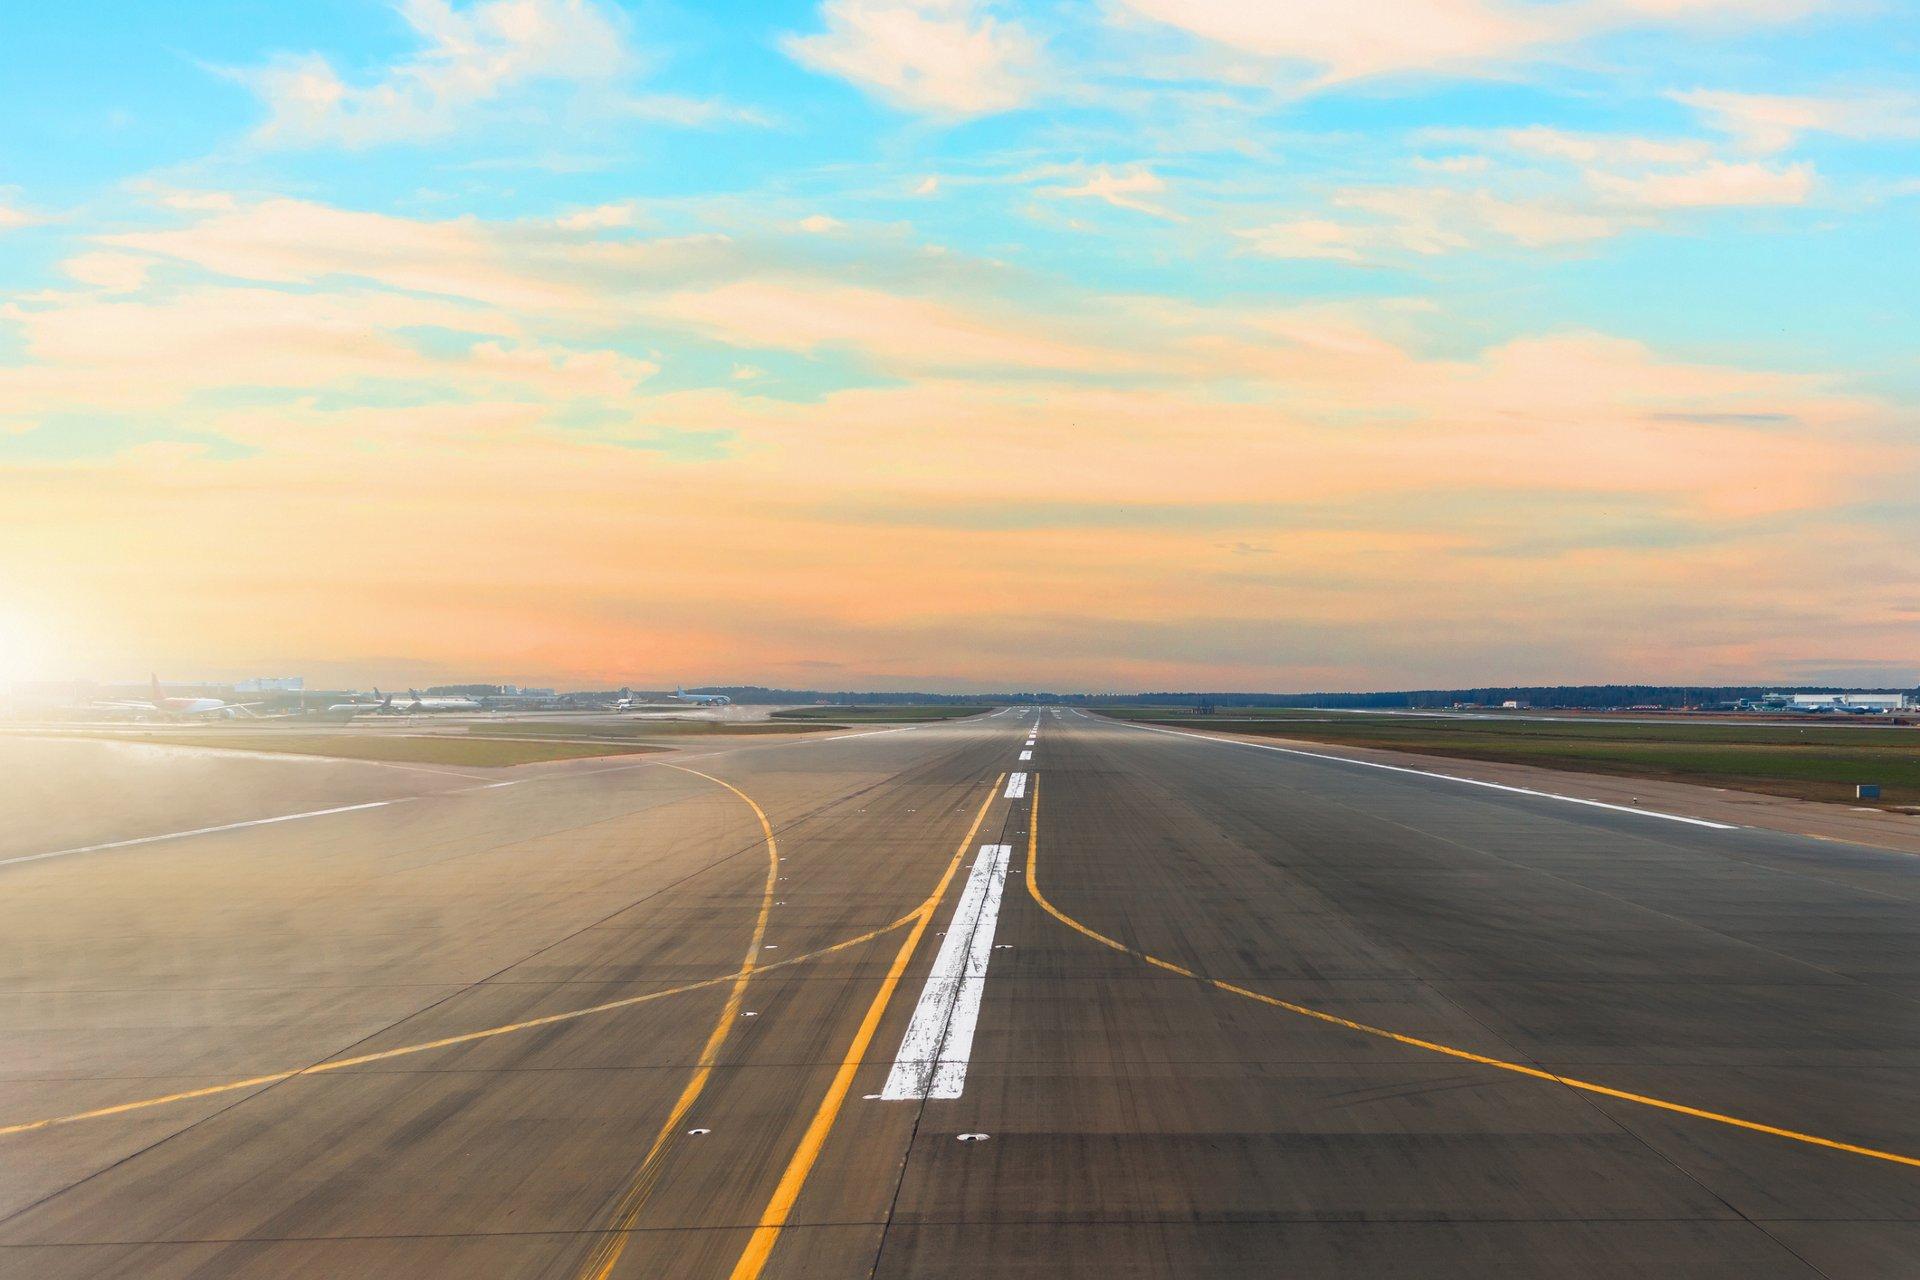 机场跑道后日落地平线和如画的卷云在天空中